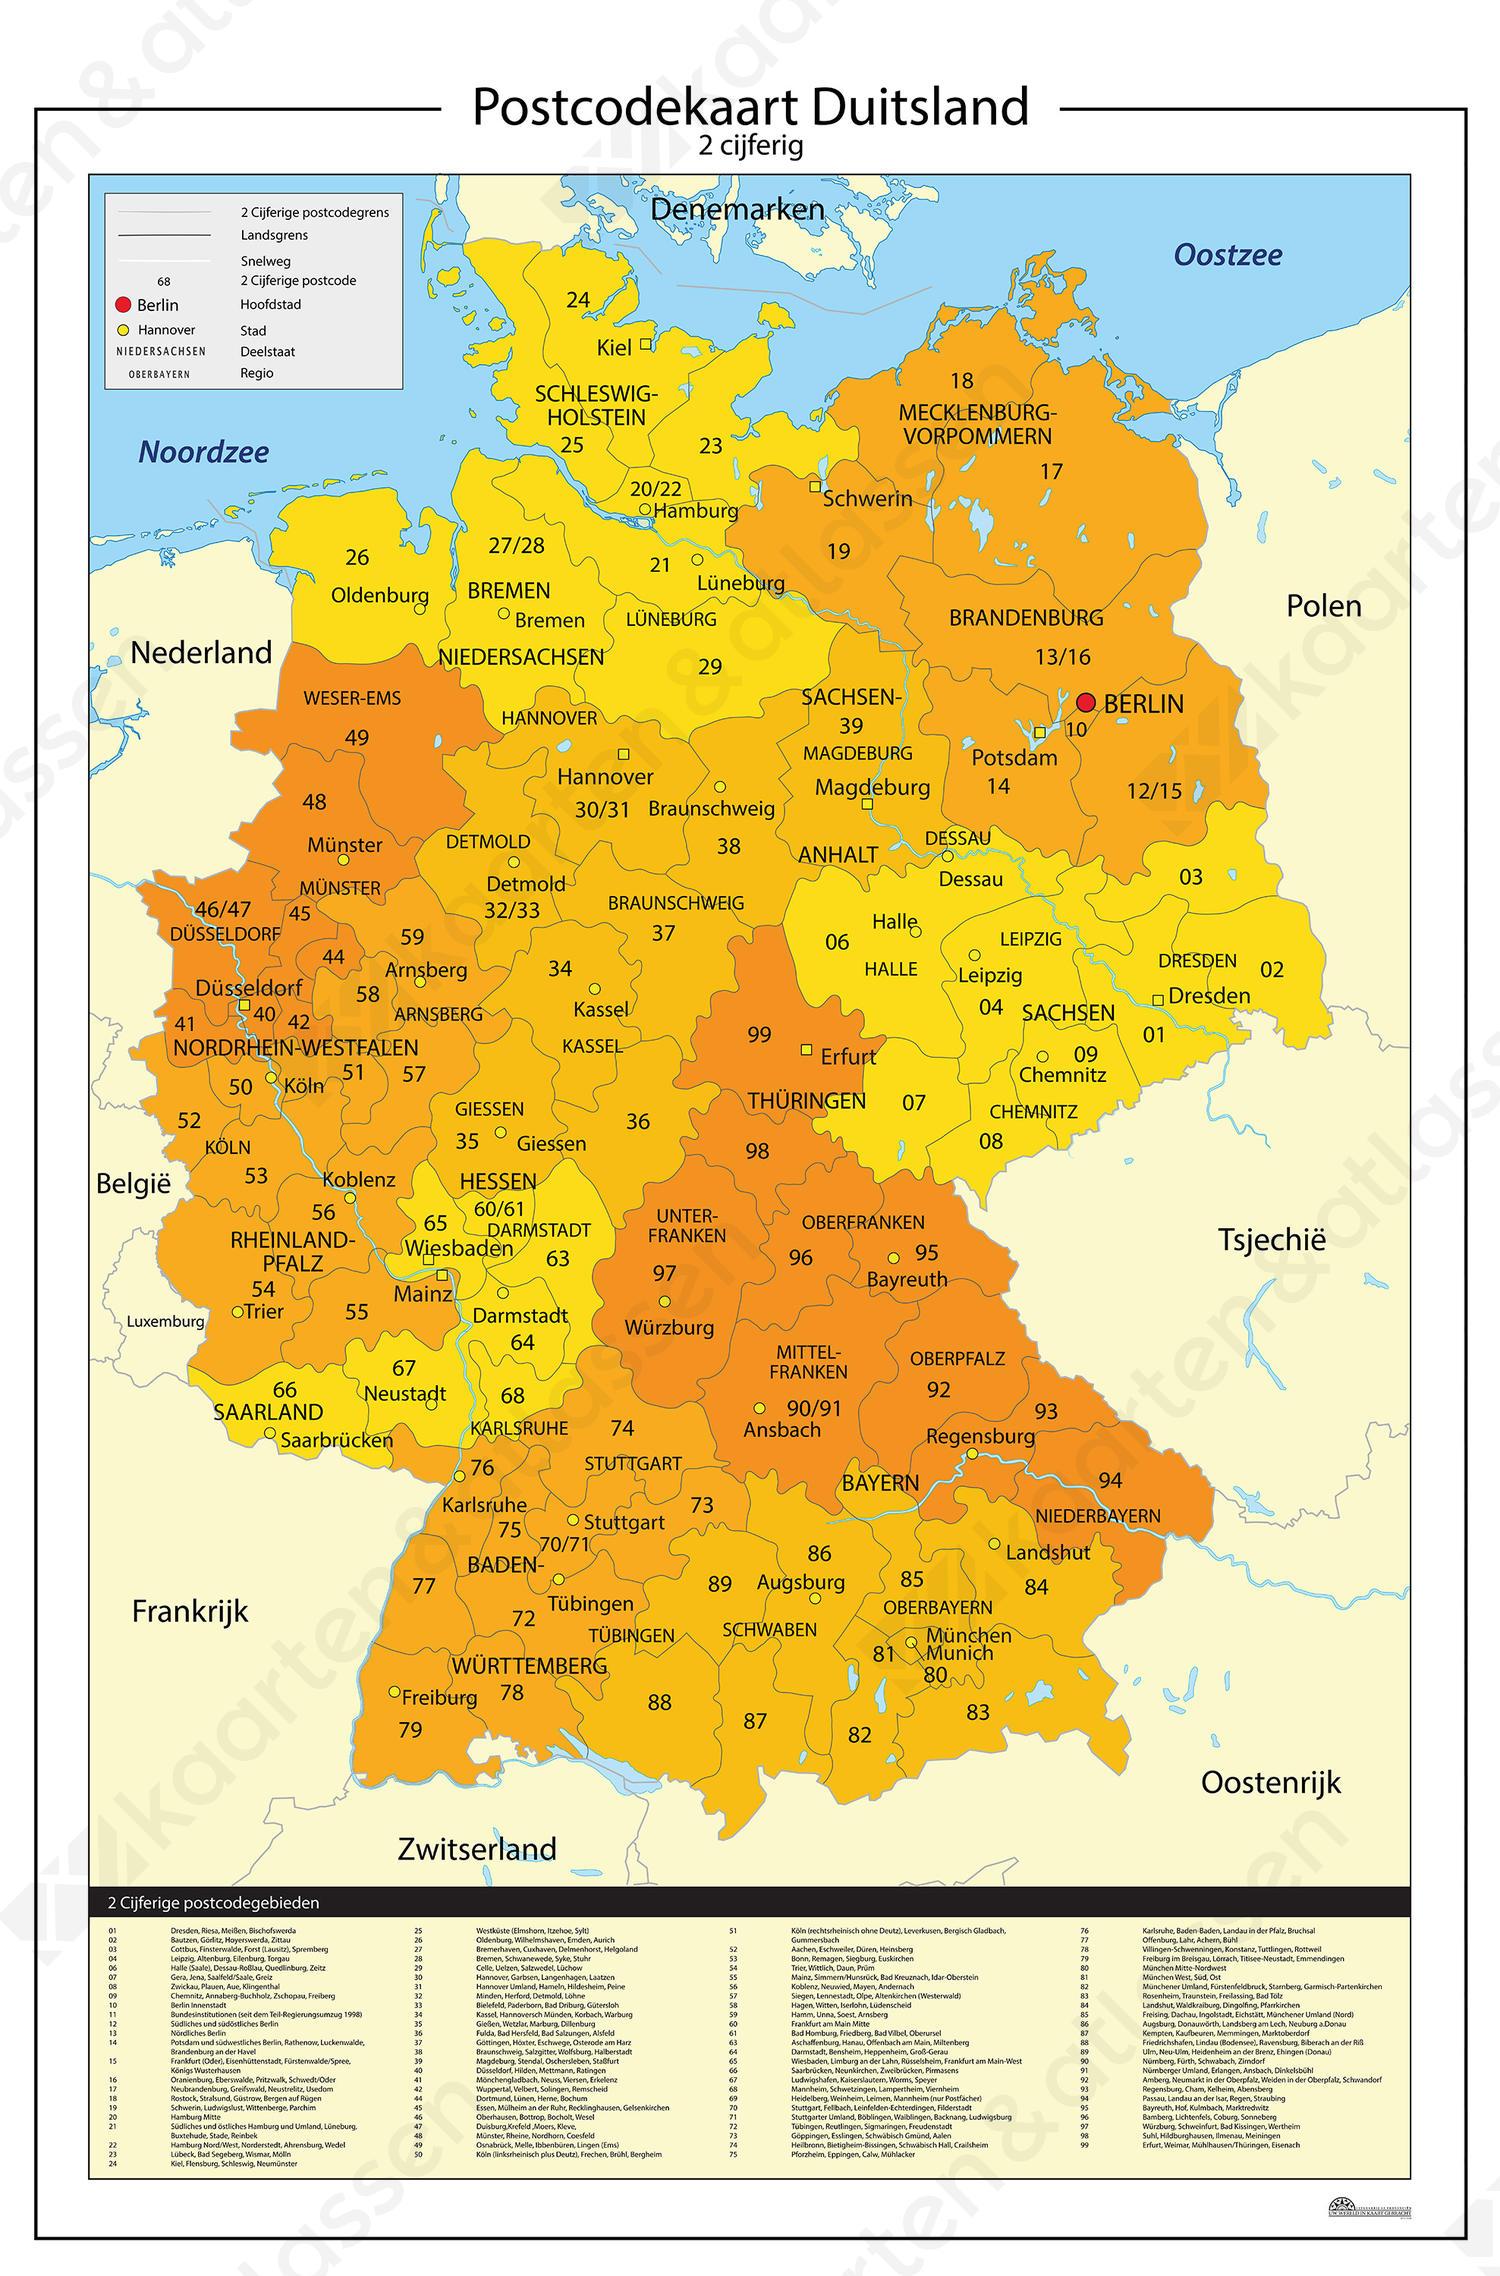 Duitsland 2 Cijferige Postcodekaart 814 Kaarten En Atlassen Nl